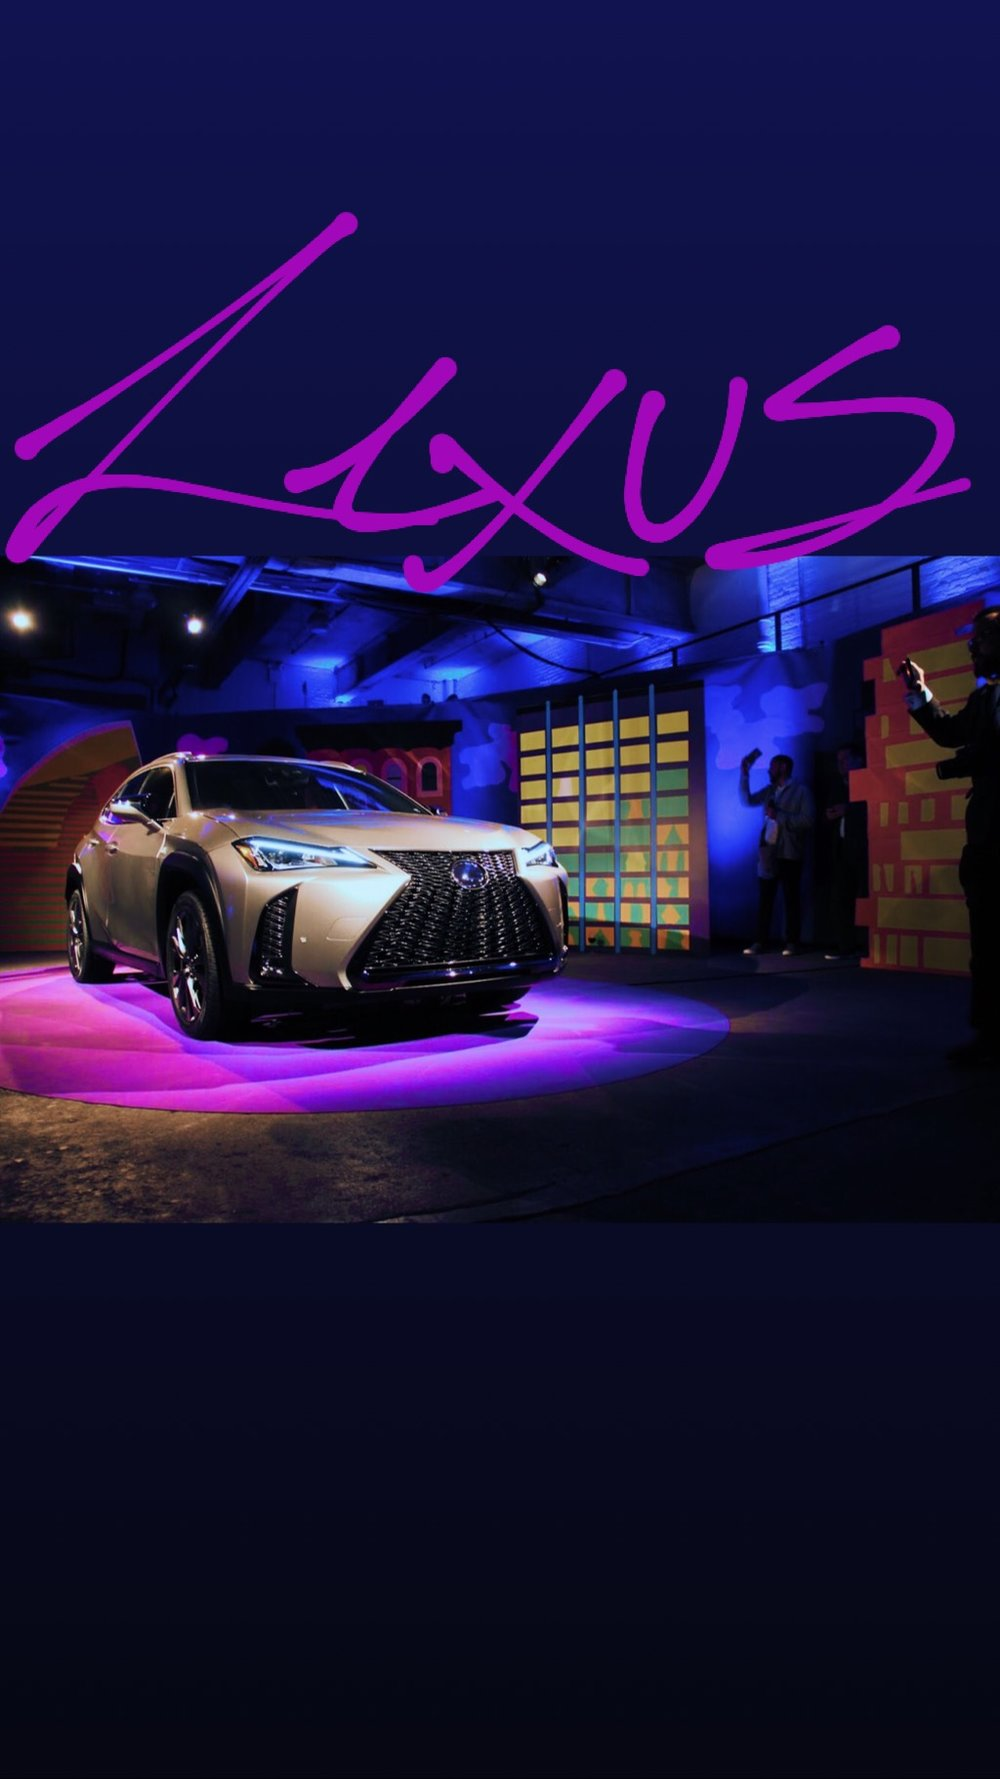 lexus auto show